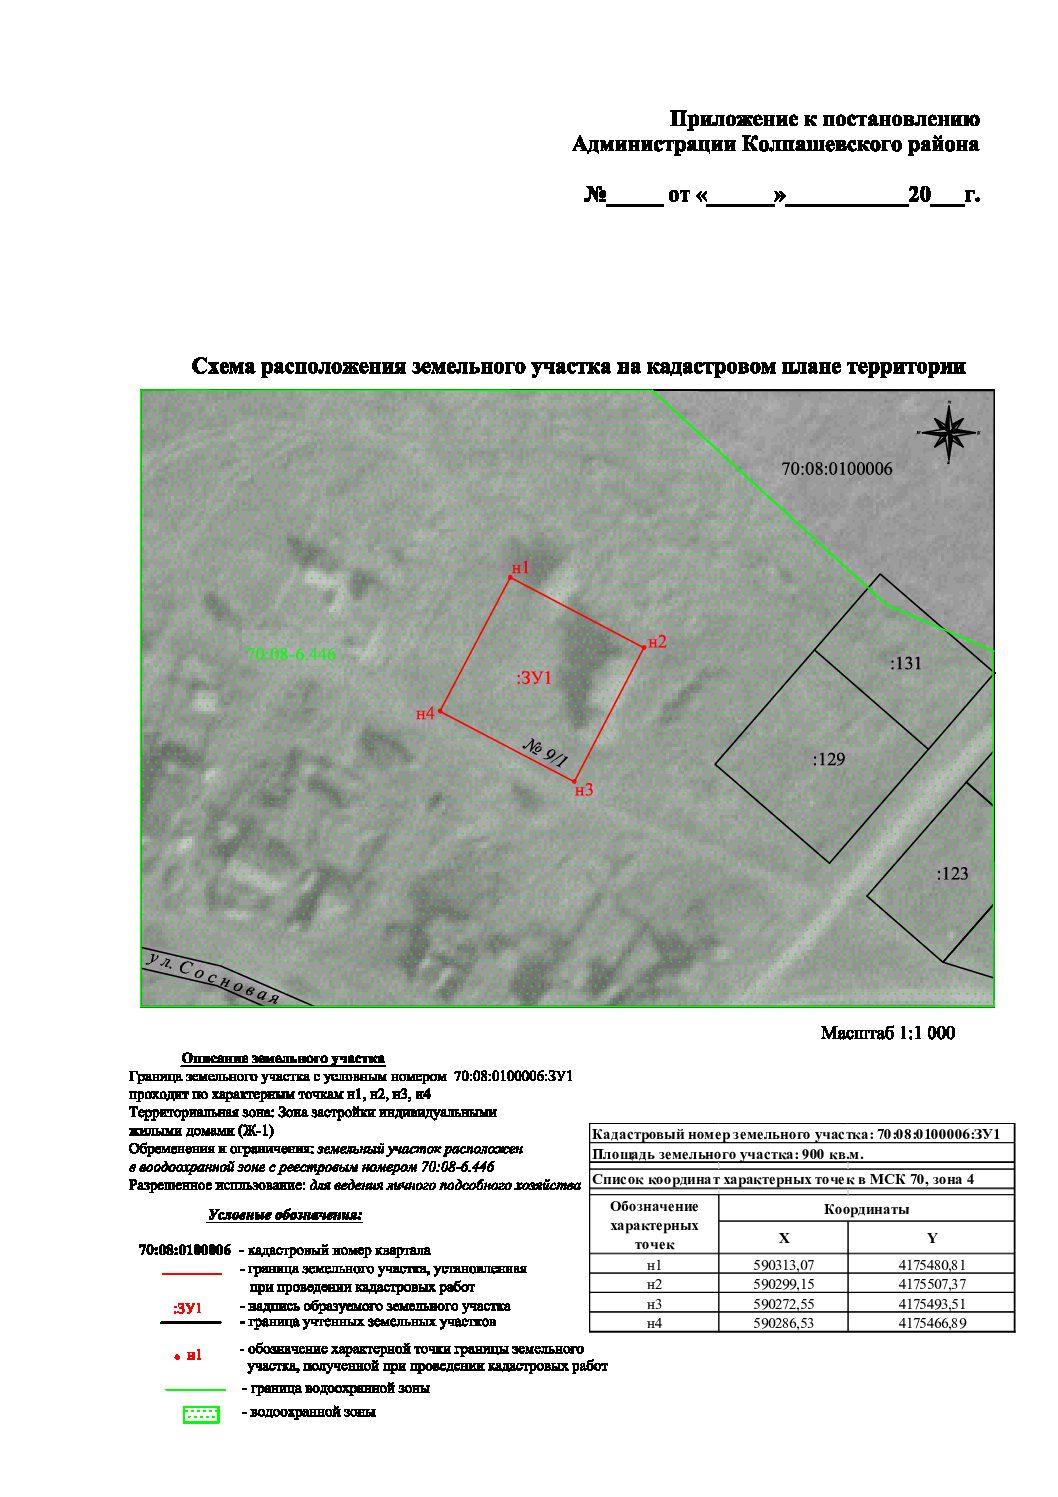 Извещение о предоставлении земельного участка